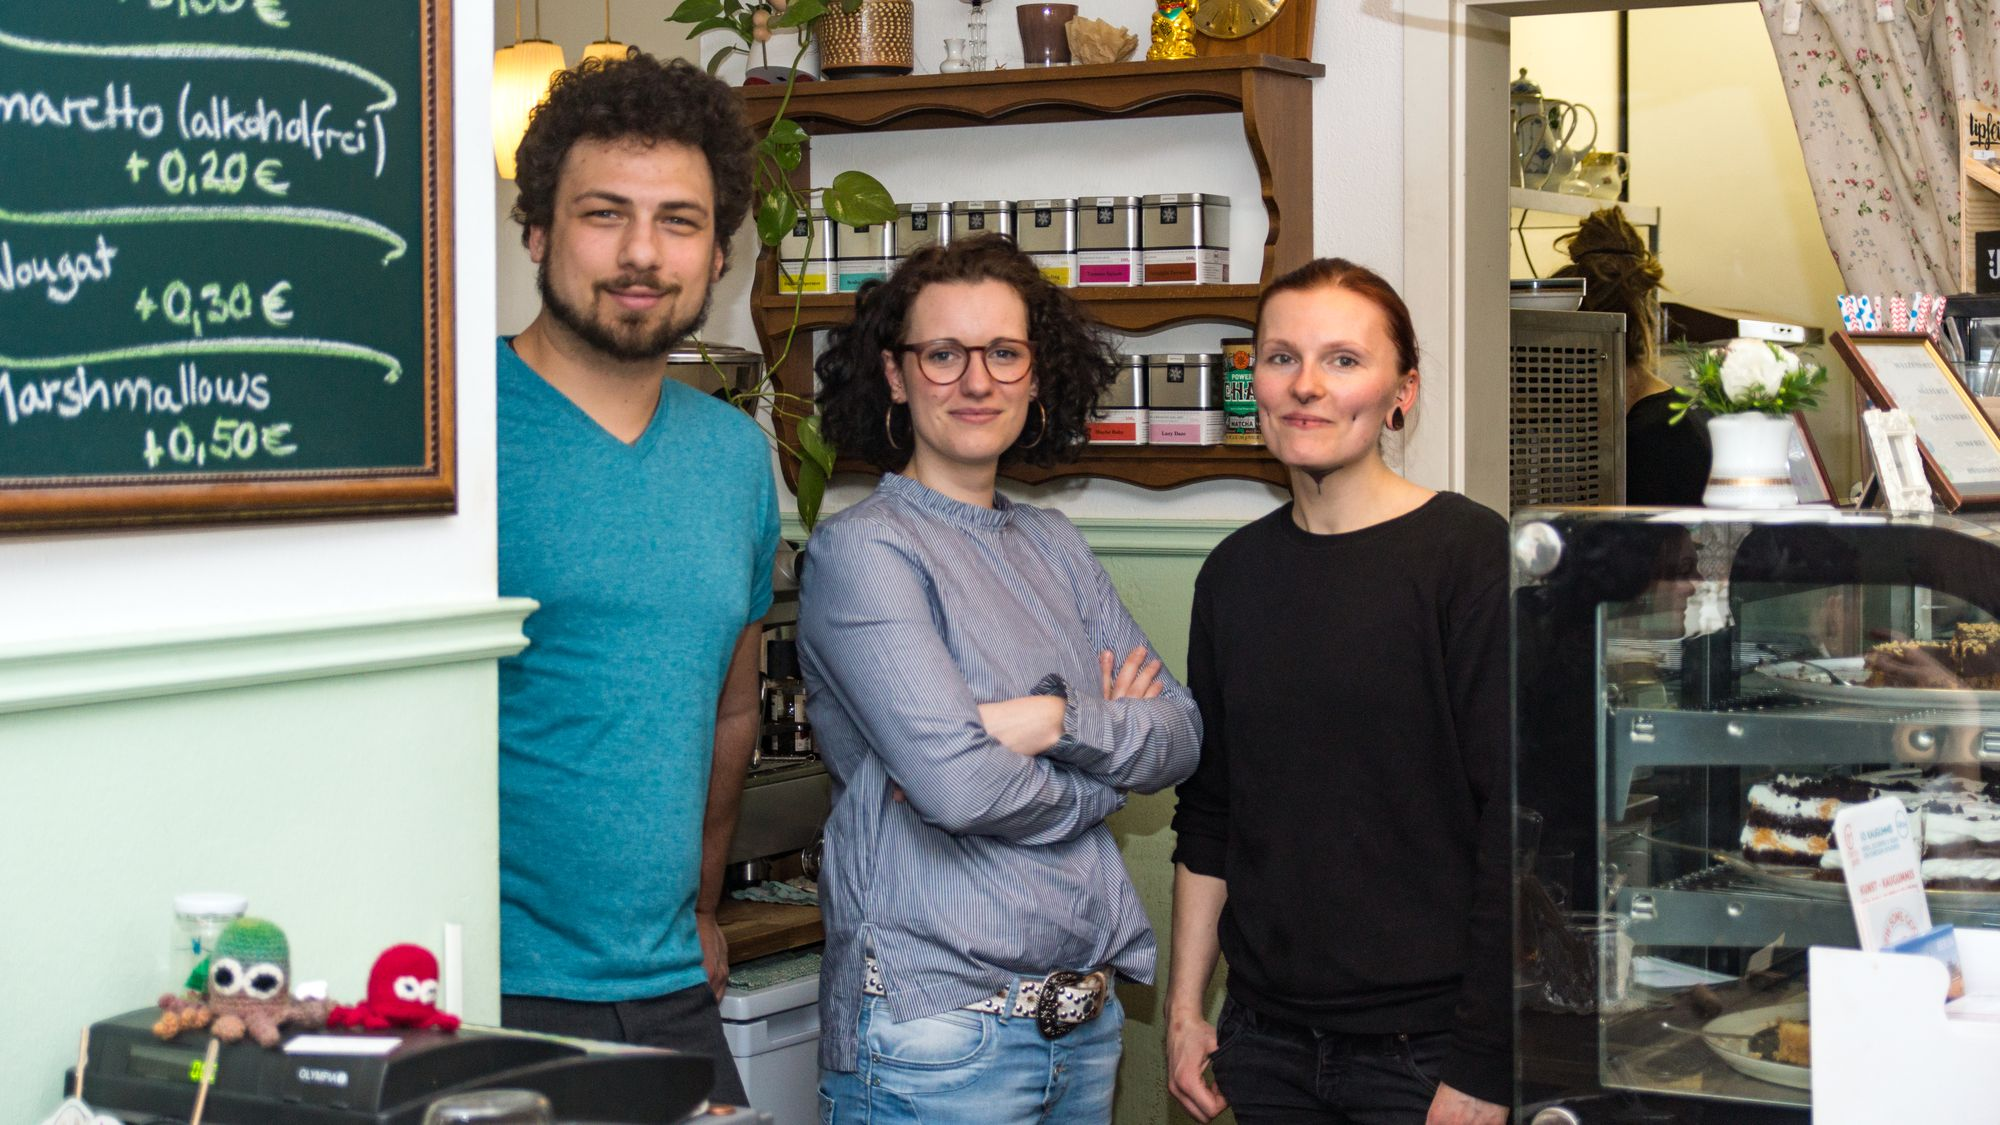 """Falko Pietsch und Susanne Behner haben von Sarah Fritzsche das """"V-Cake"""" übernommen. Foto: Der Artgenosse, Patrick Schönfeld"""